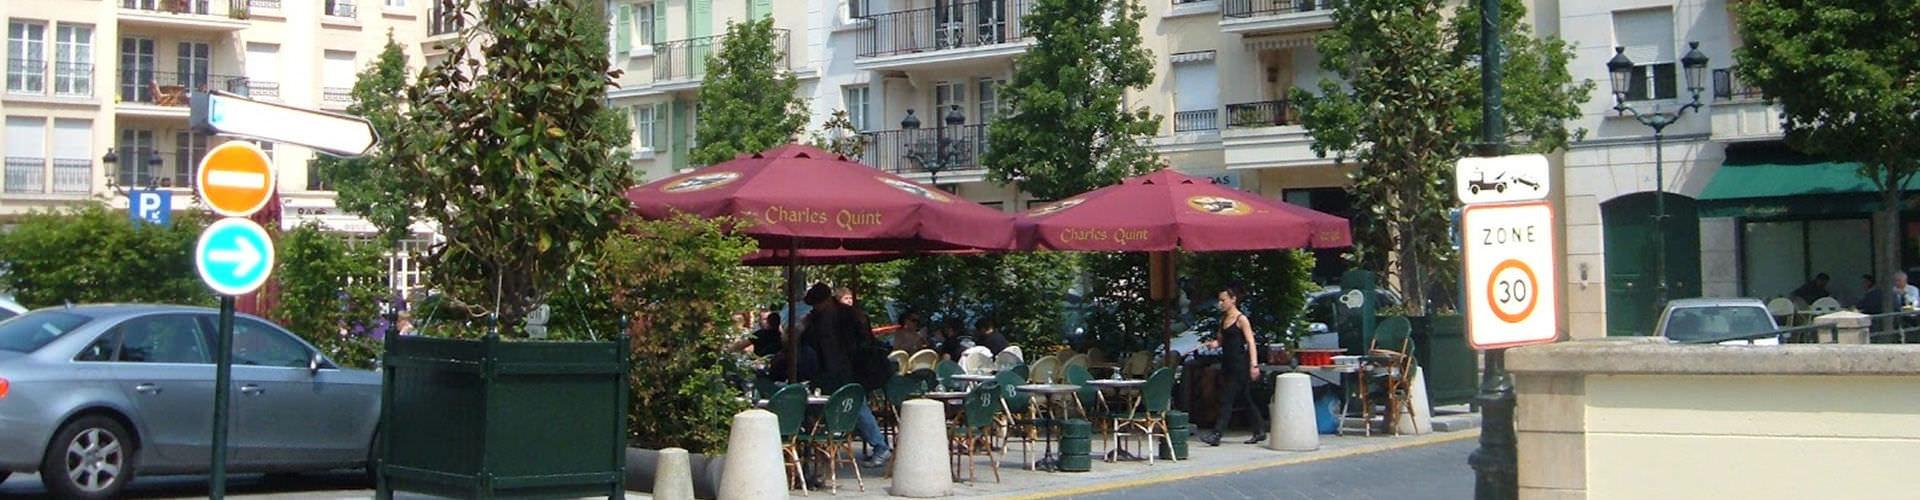 Nice - Chambres pas chères dans le quartier de Coeur de Ville. Cartes pour Nice, photos et commentaires pour chaque chambre à Nice.